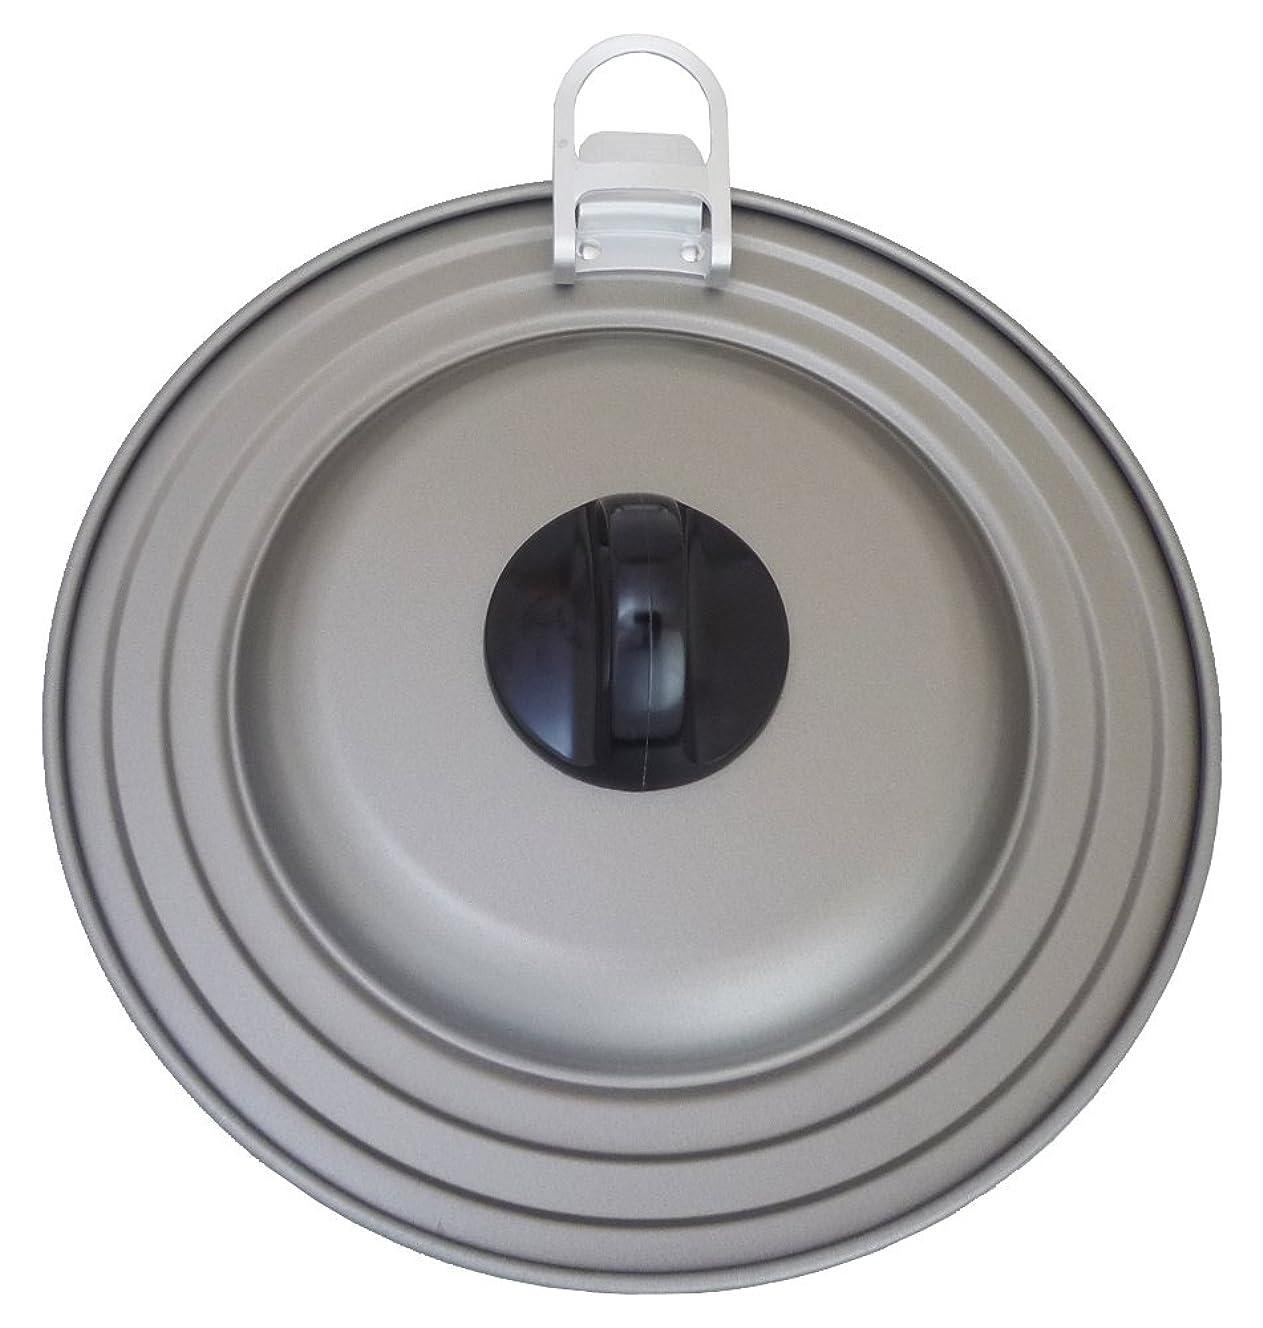 夕食を食べる更新料理スイト フッ素樹脂加工フライパンカバー 16?18?20cm兼用 067506